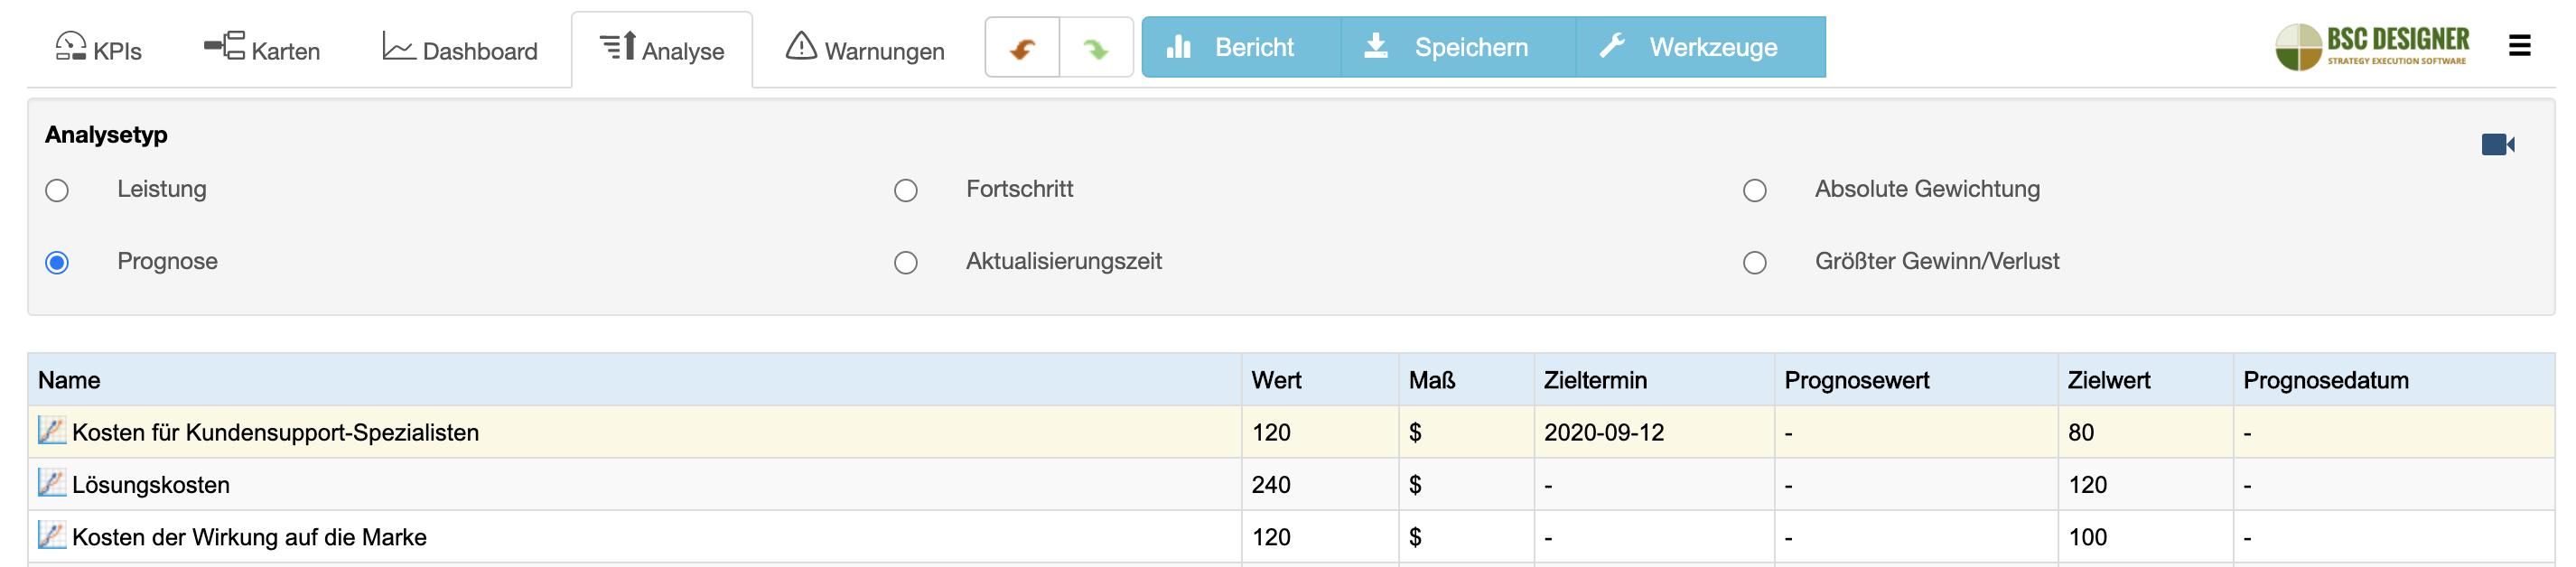 Scorecard-Analyse in BSC Designer